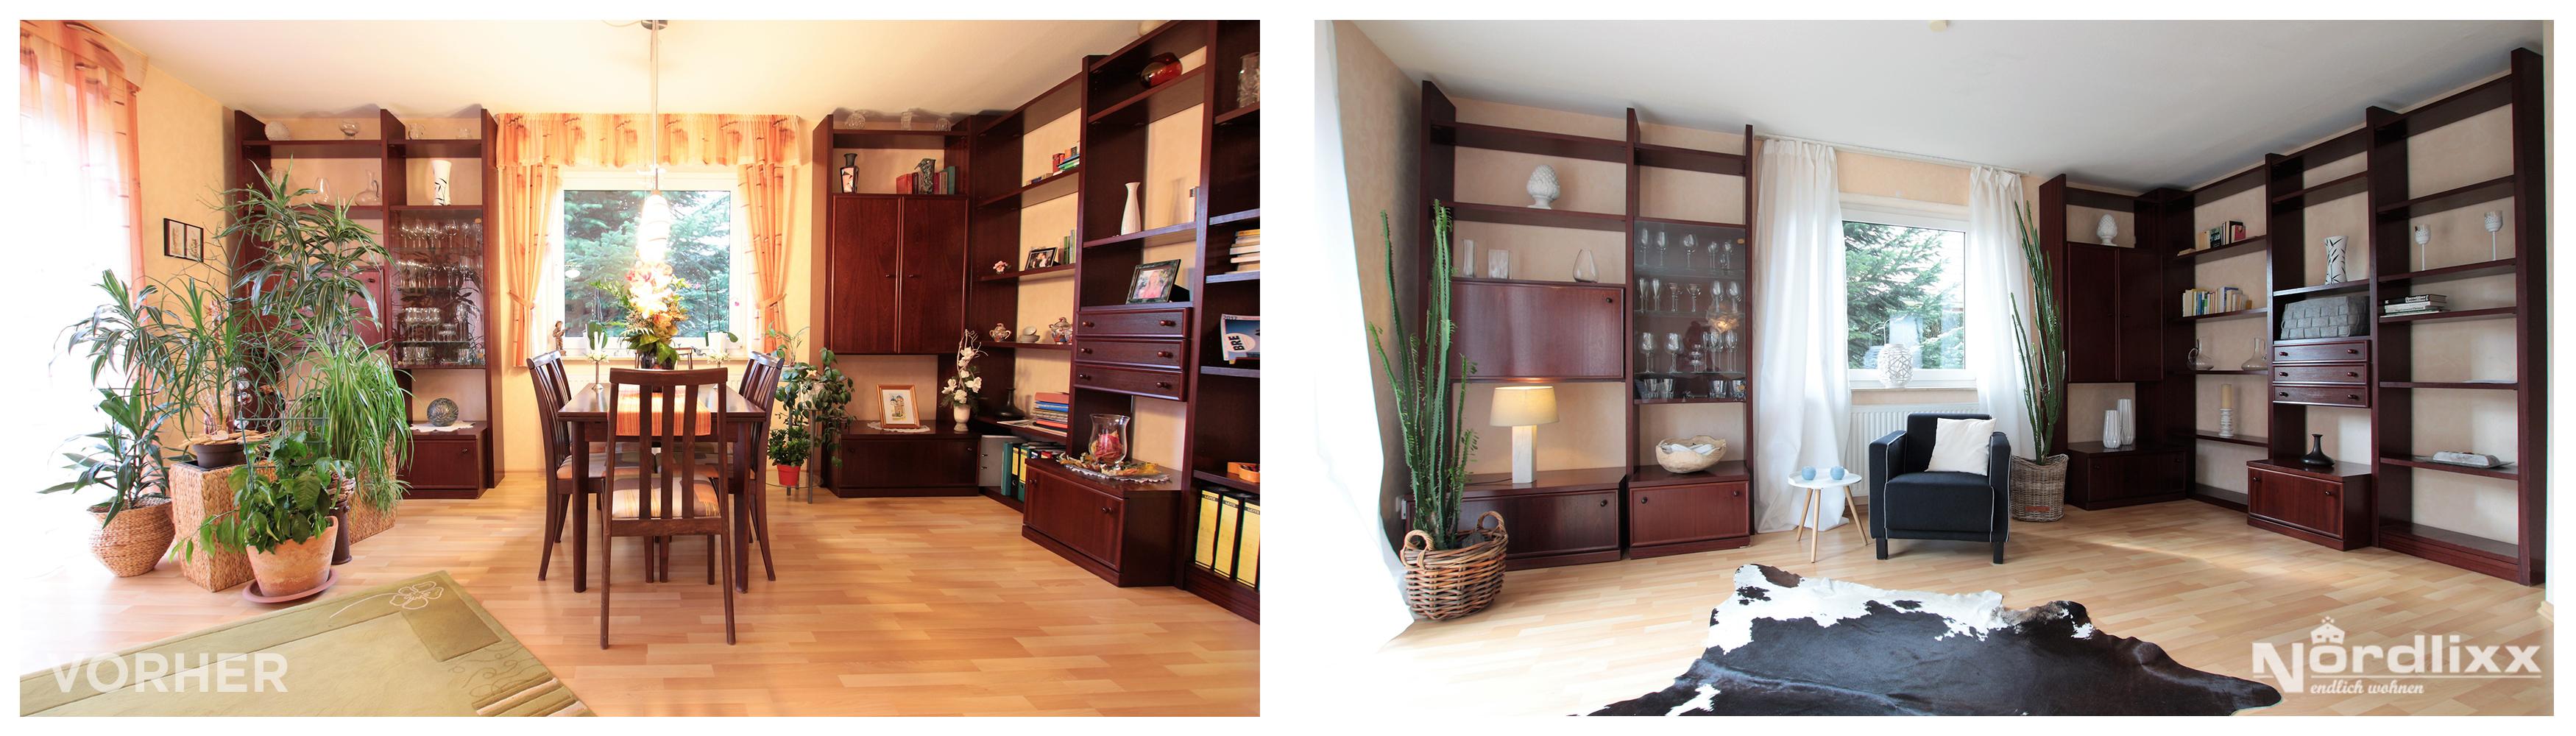 home staging an der weser optische verkaufshilfe f r eine immobilie in beliebter wohngegend. Black Bedroom Furniture Sets. Home Design Ideas